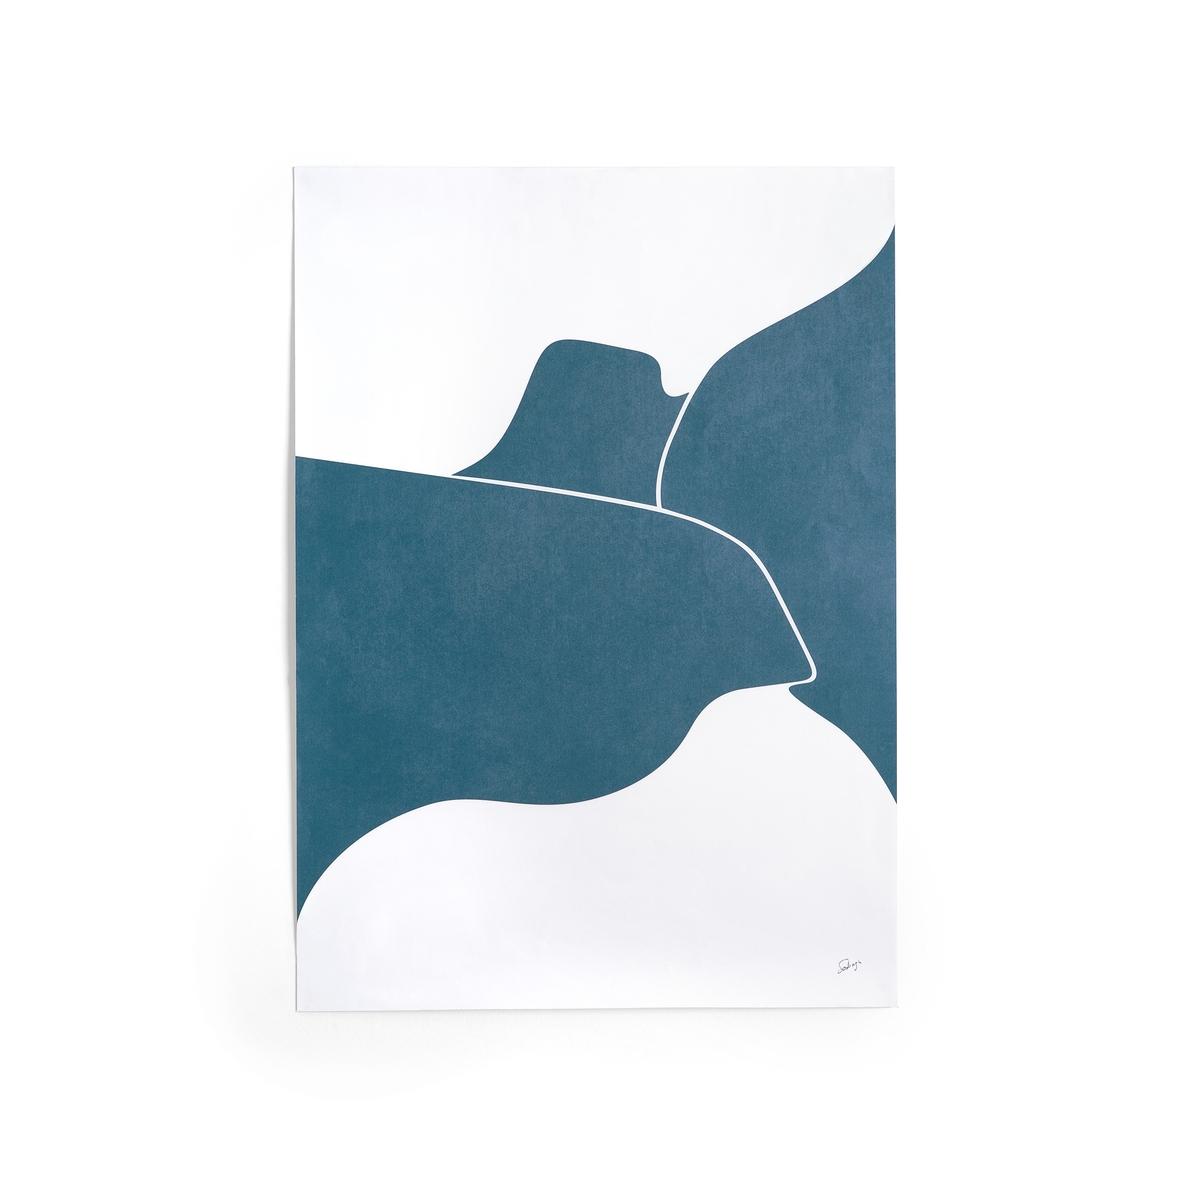 Плакат, MitrandaПлакат Mitranda. Графический современный рисунок синего и белого цветов. Из матовой офсетной бумаги, 170 г/м2. Размеры : 50 x 70 см. Использовать с рамкой Milouin, представленной на нашем сайте.<br><br>Цвет: синий/ белый